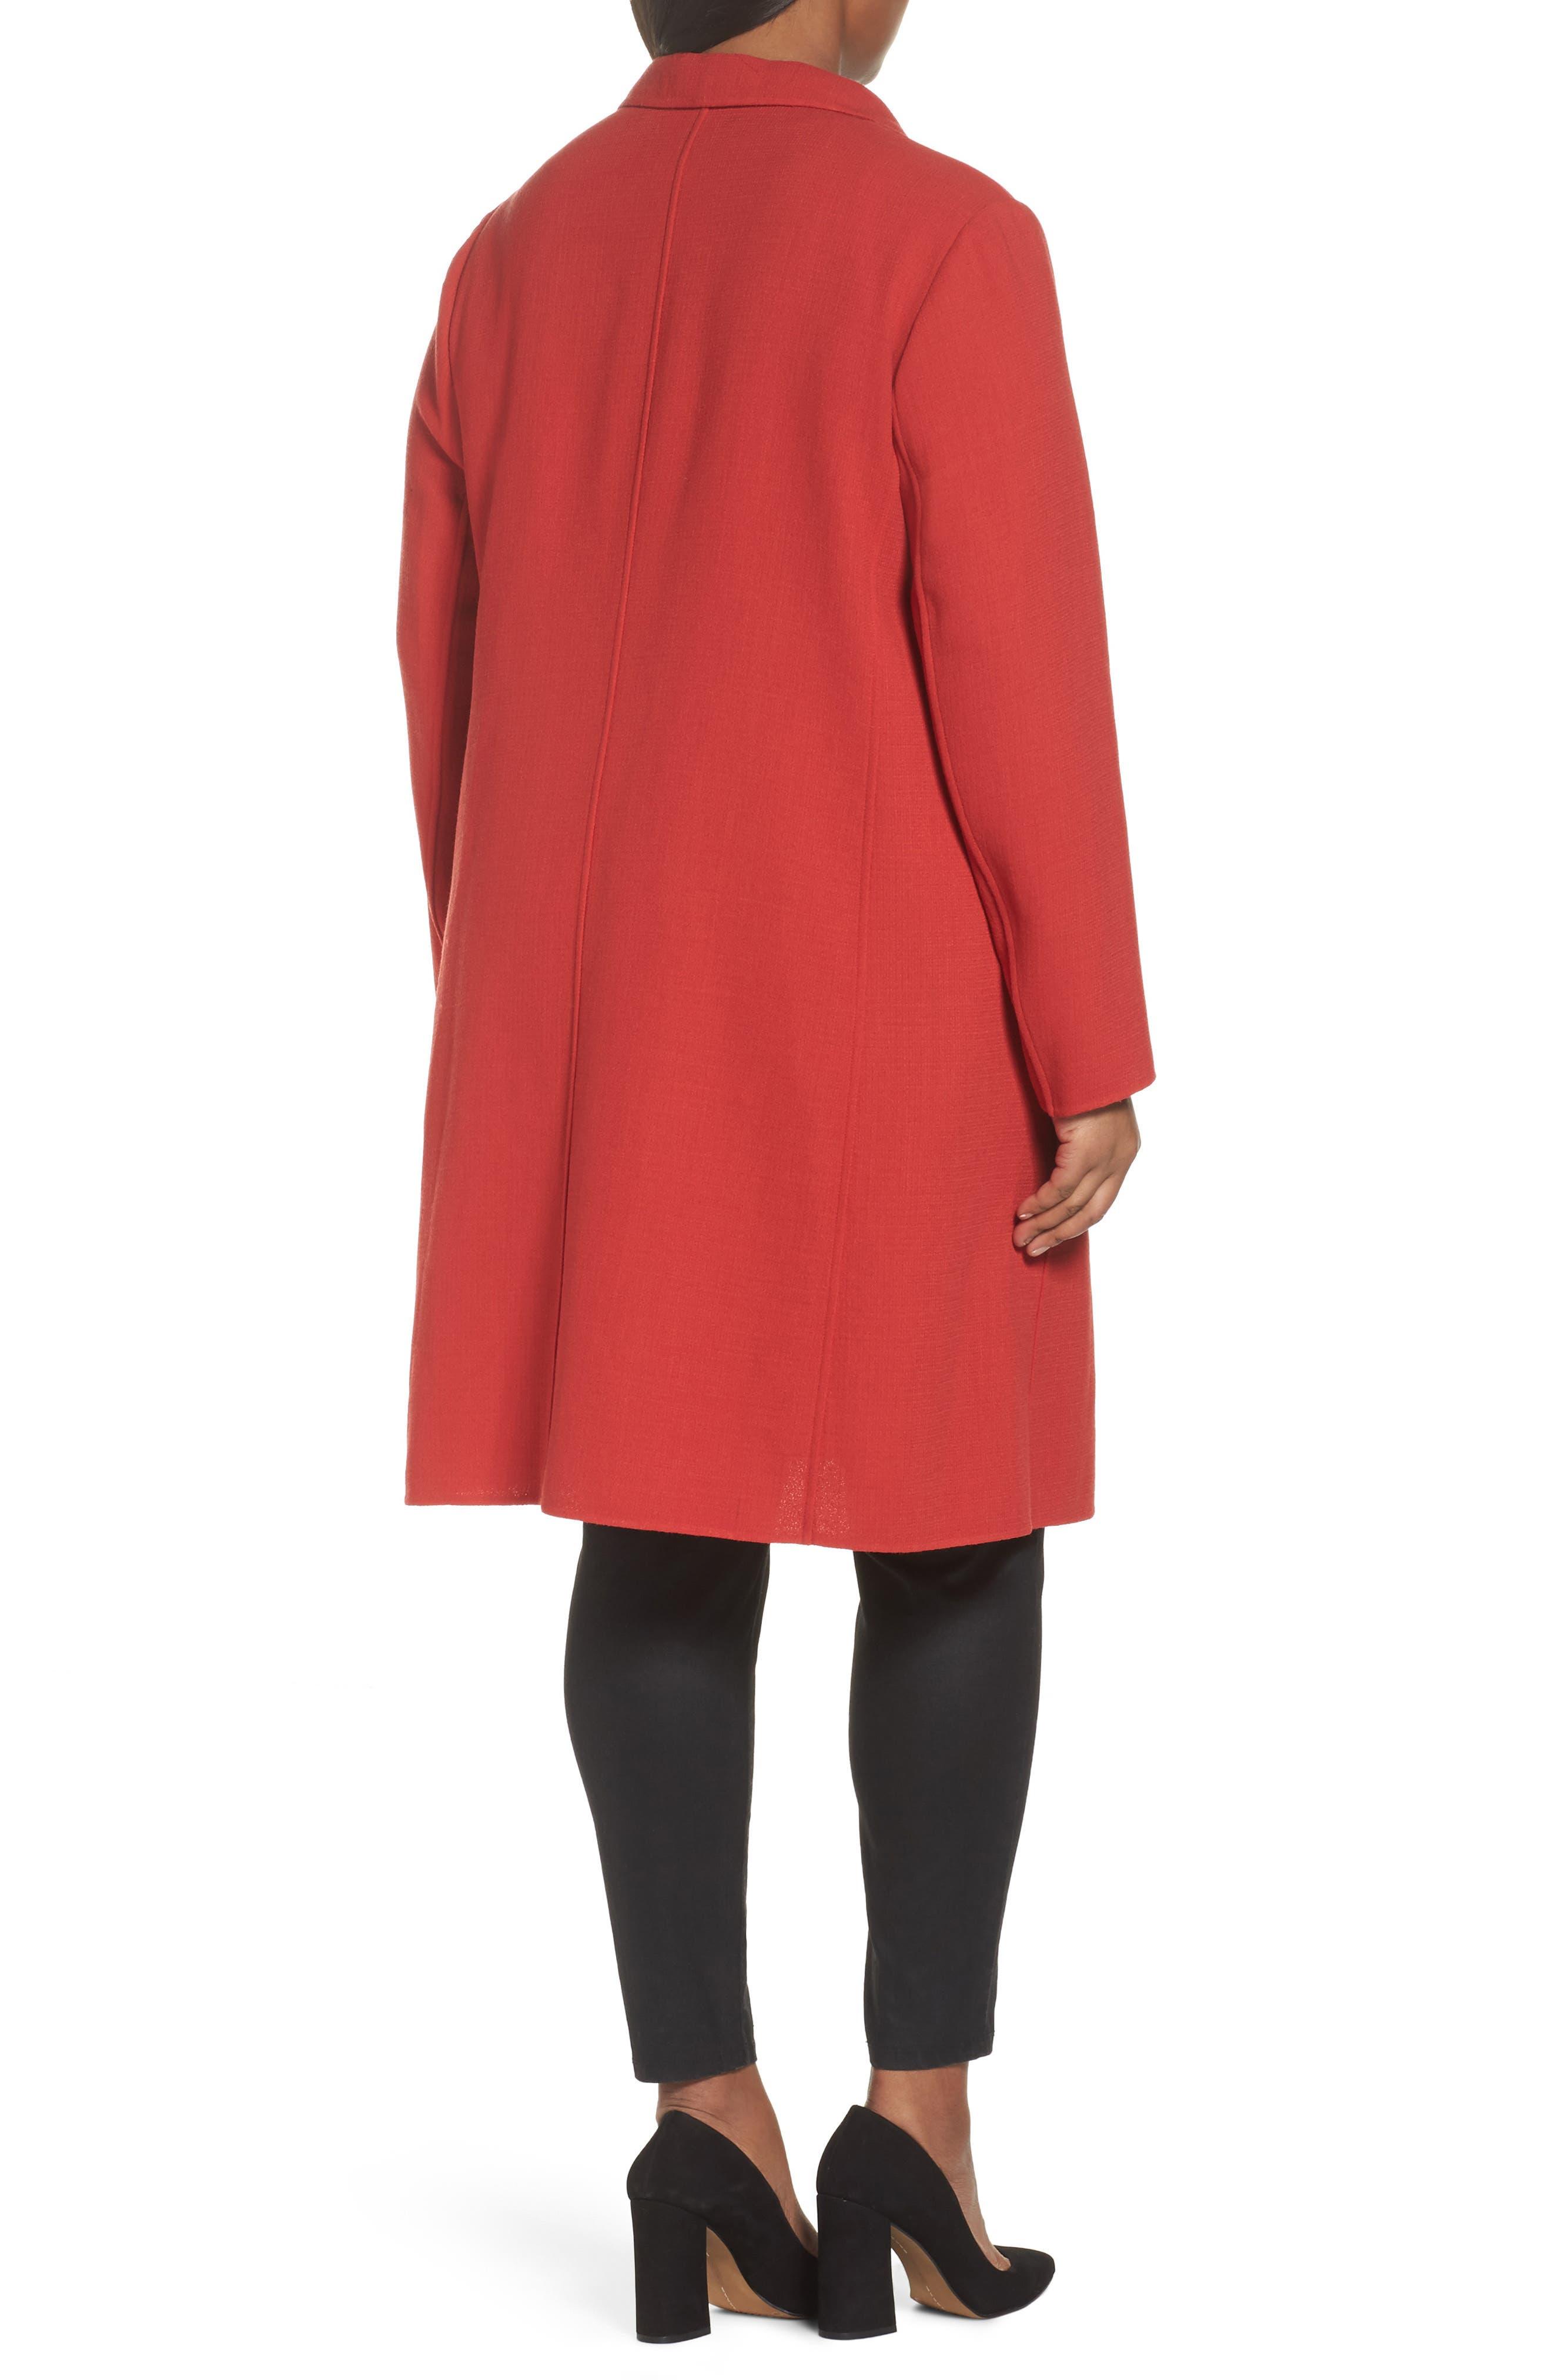 Alternate Image 2  - Lafayette 148 New York Carmelle Nouveau Crepe Jacket (Plus Size)